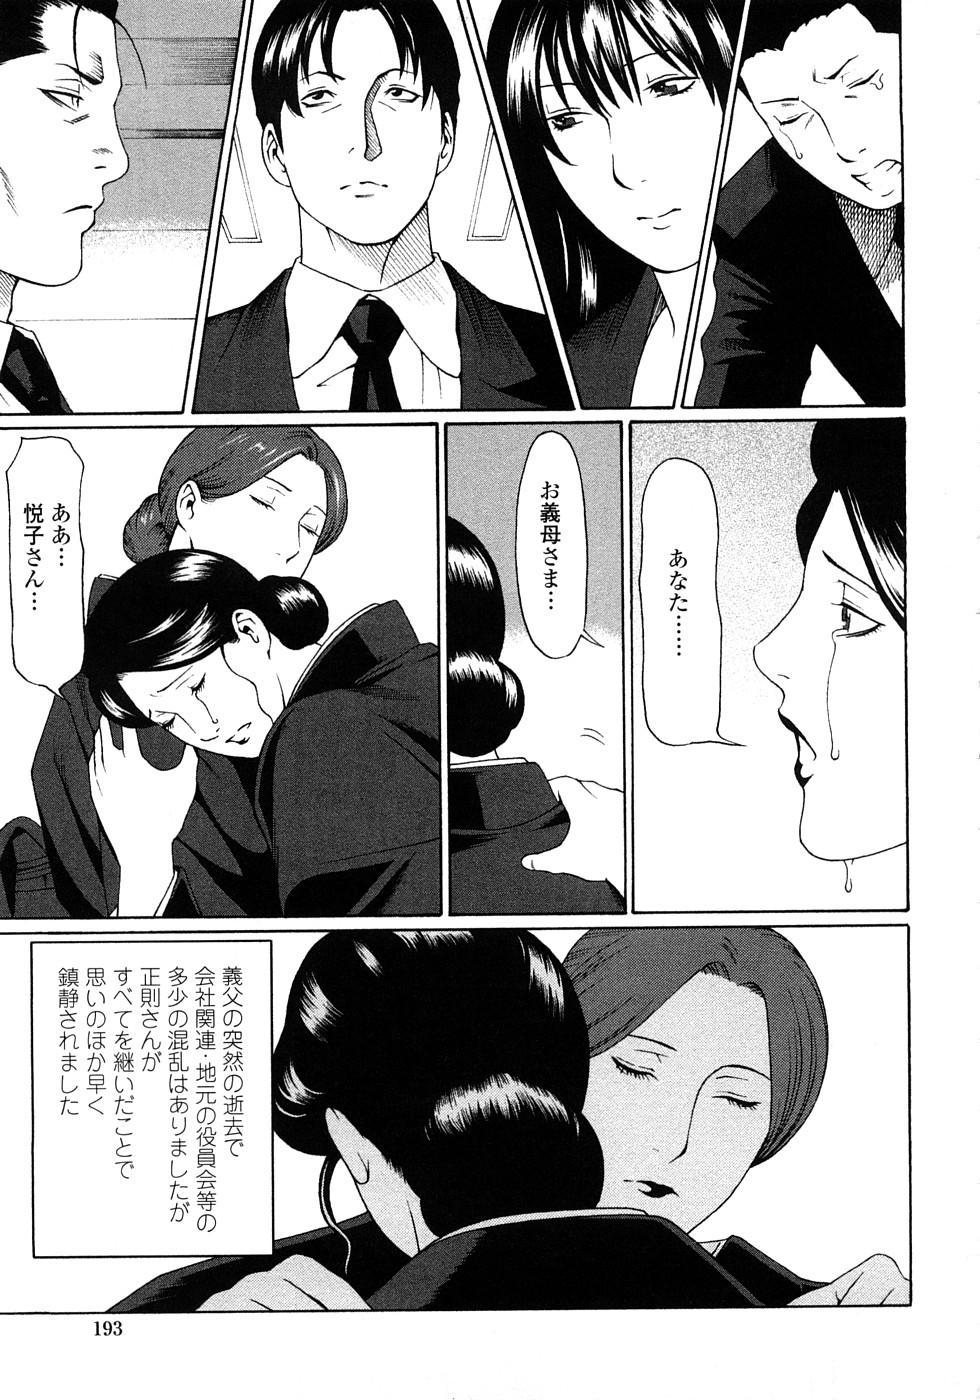 Etsuraku no Tobira - The Door of Sexual Pleasure 191